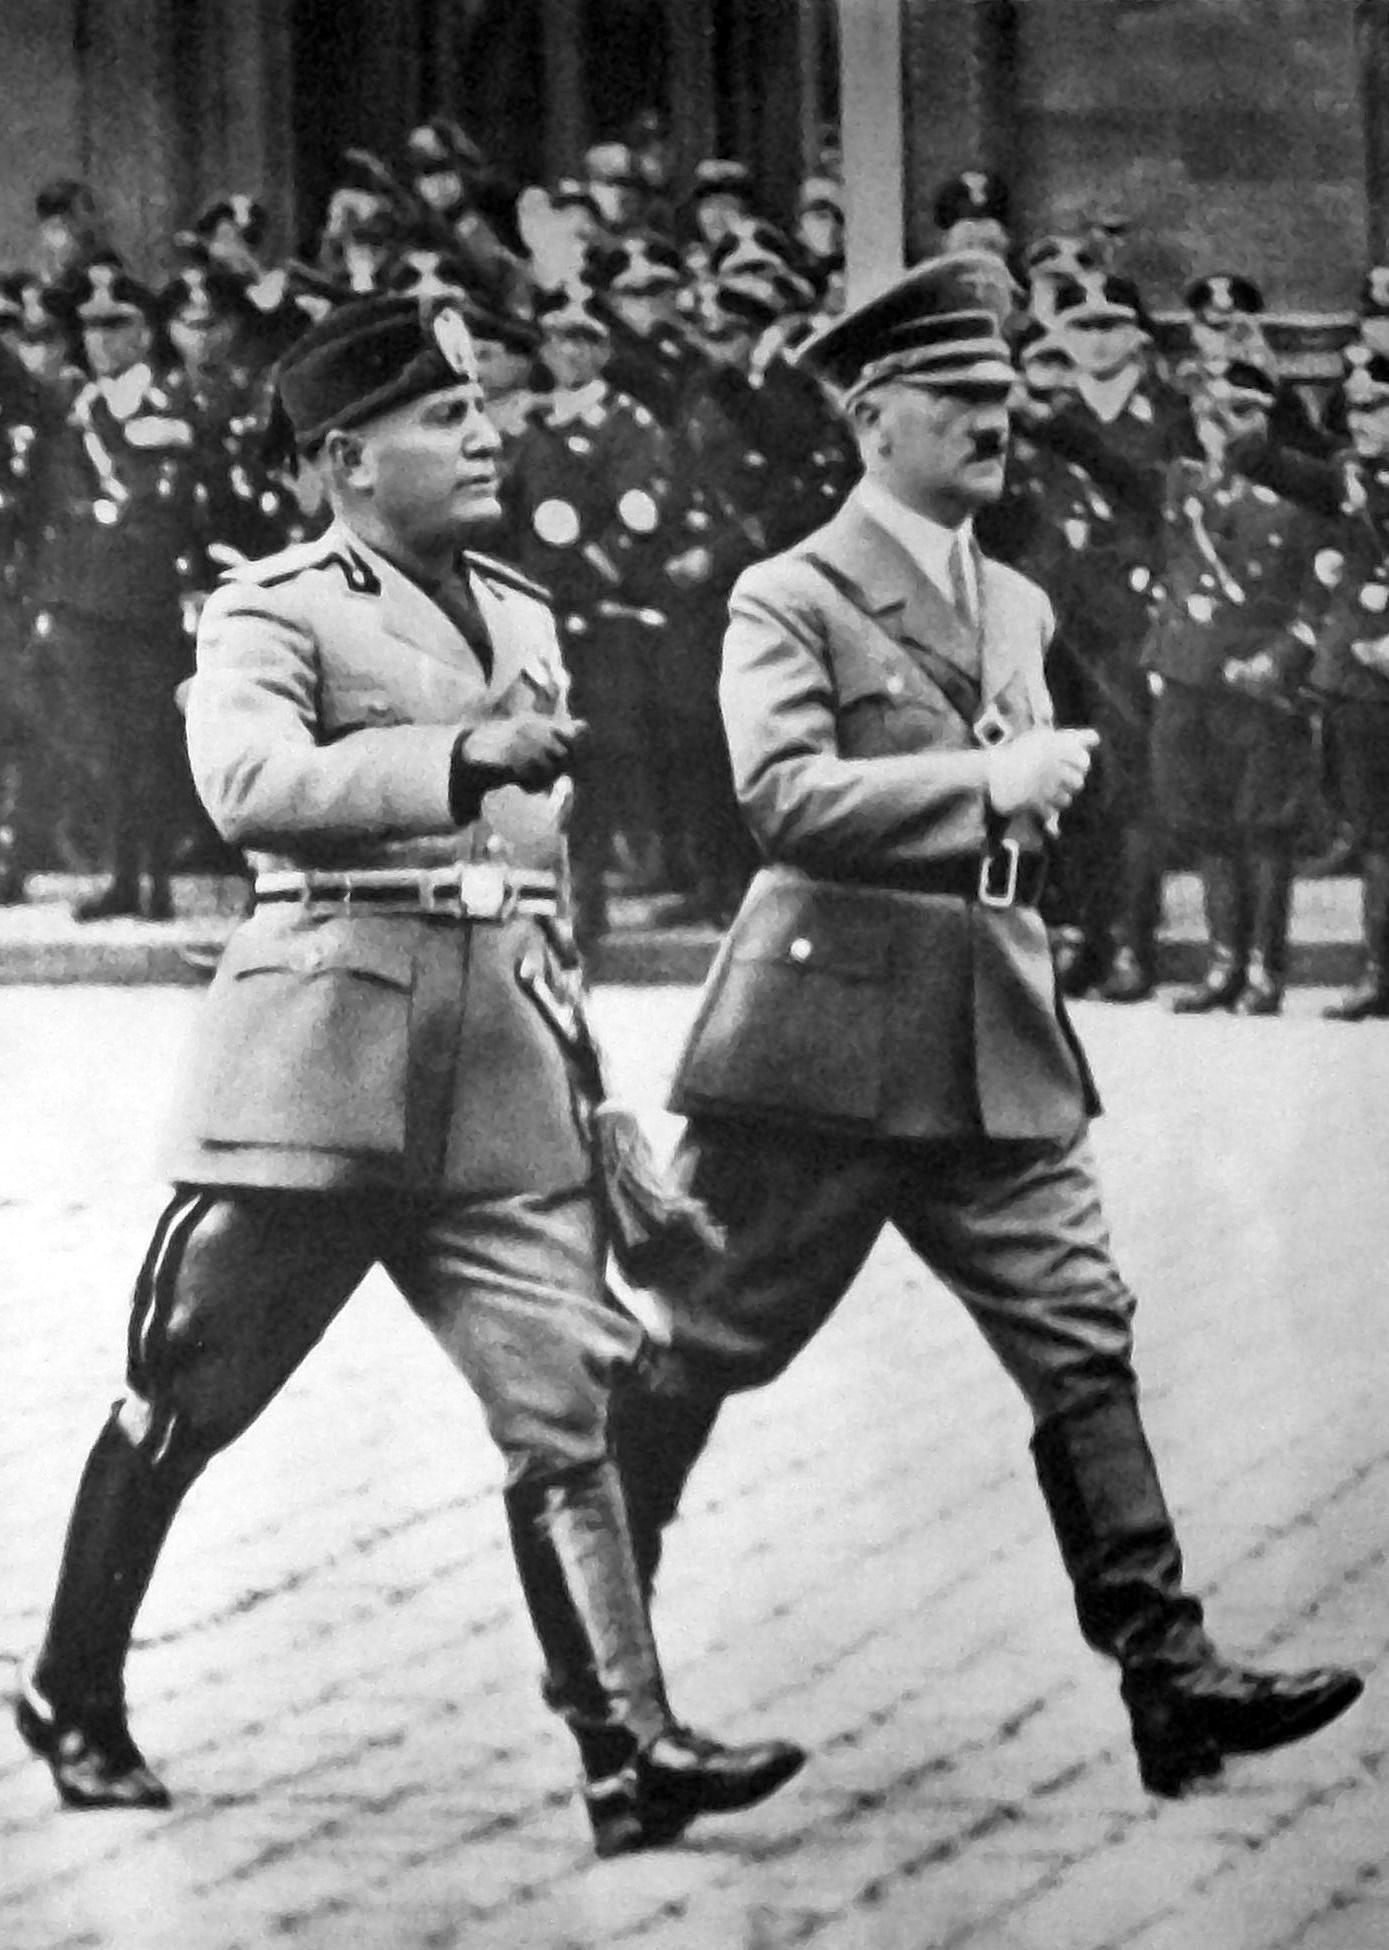 Mistério, esposa de um líder nazista